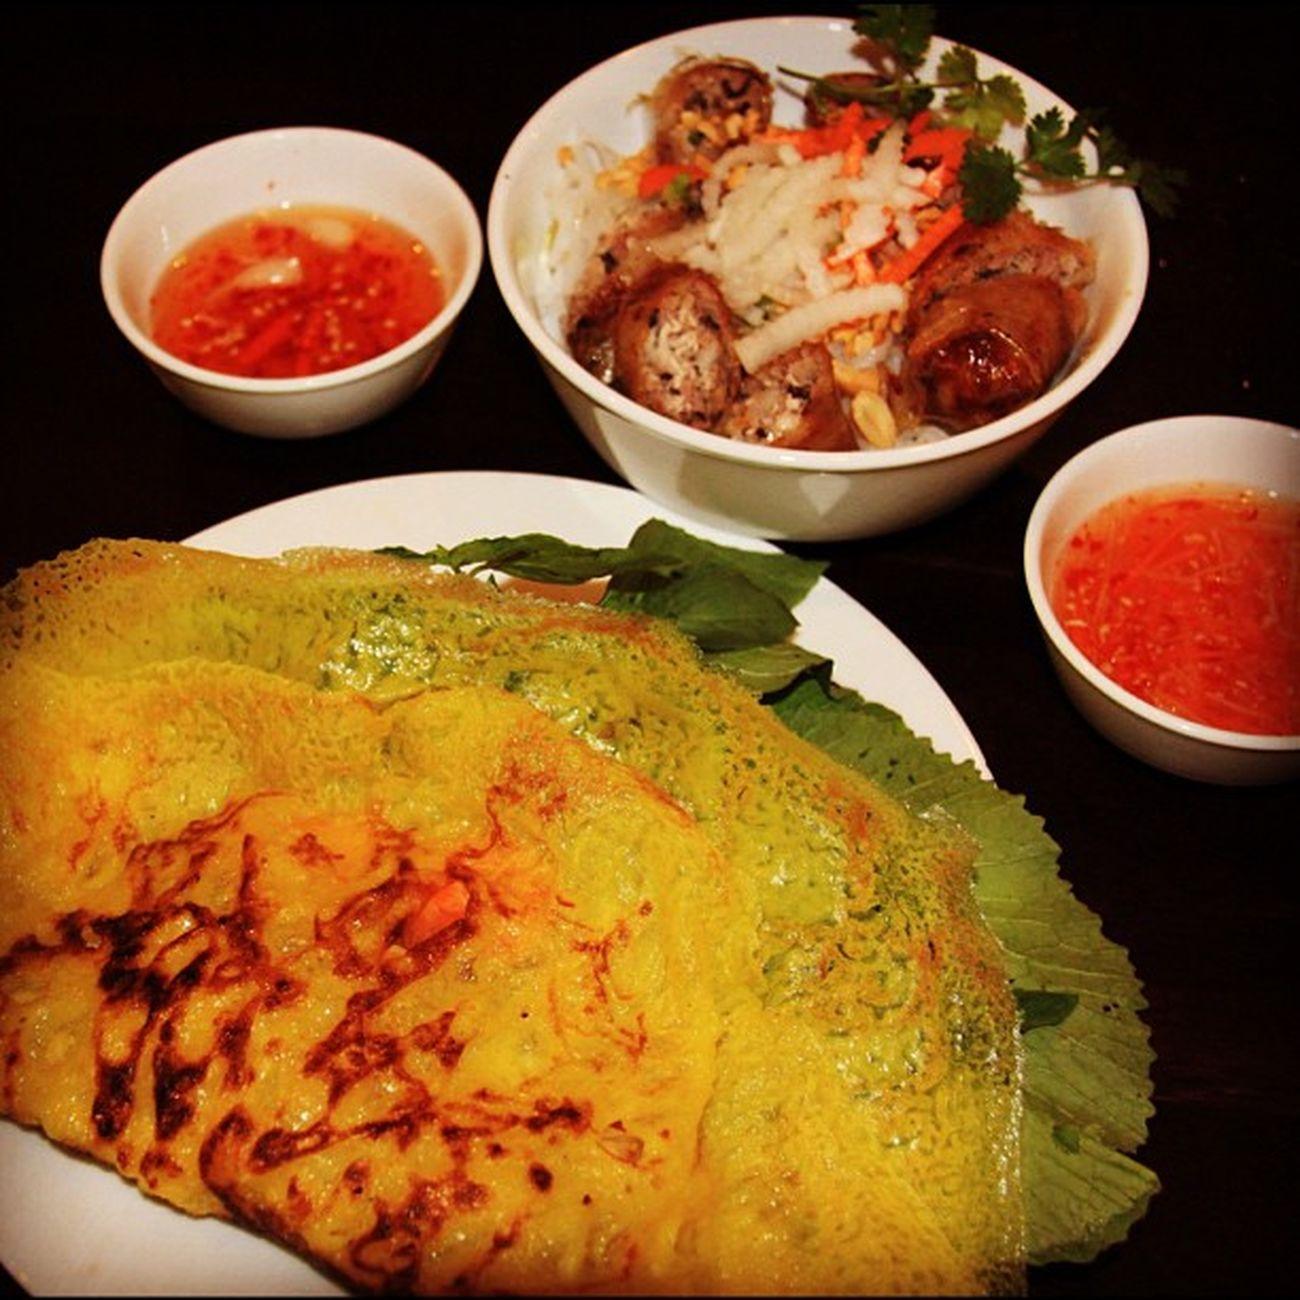 Oppa Vietnam Style :)) Quán này được cái cũng ngon cũng nhiều món nhưng ĐÔNG và ĐẮT!